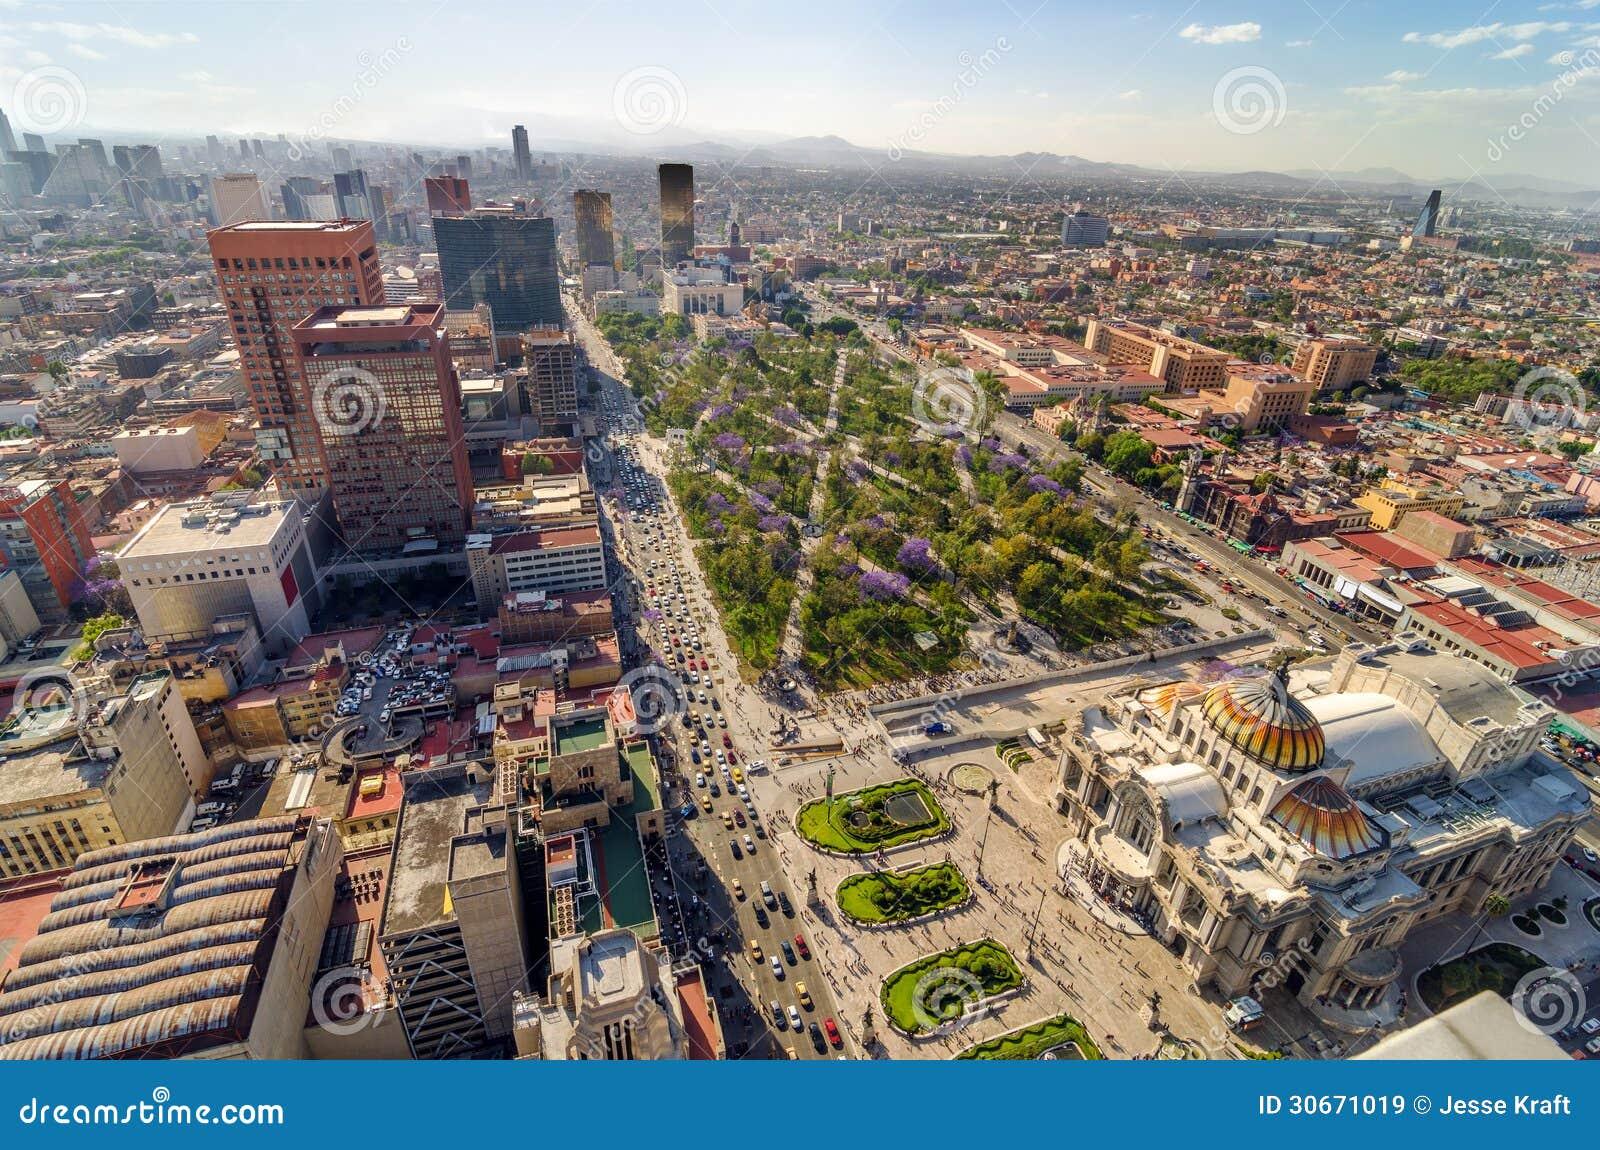 墨西哥城鸟瞰图